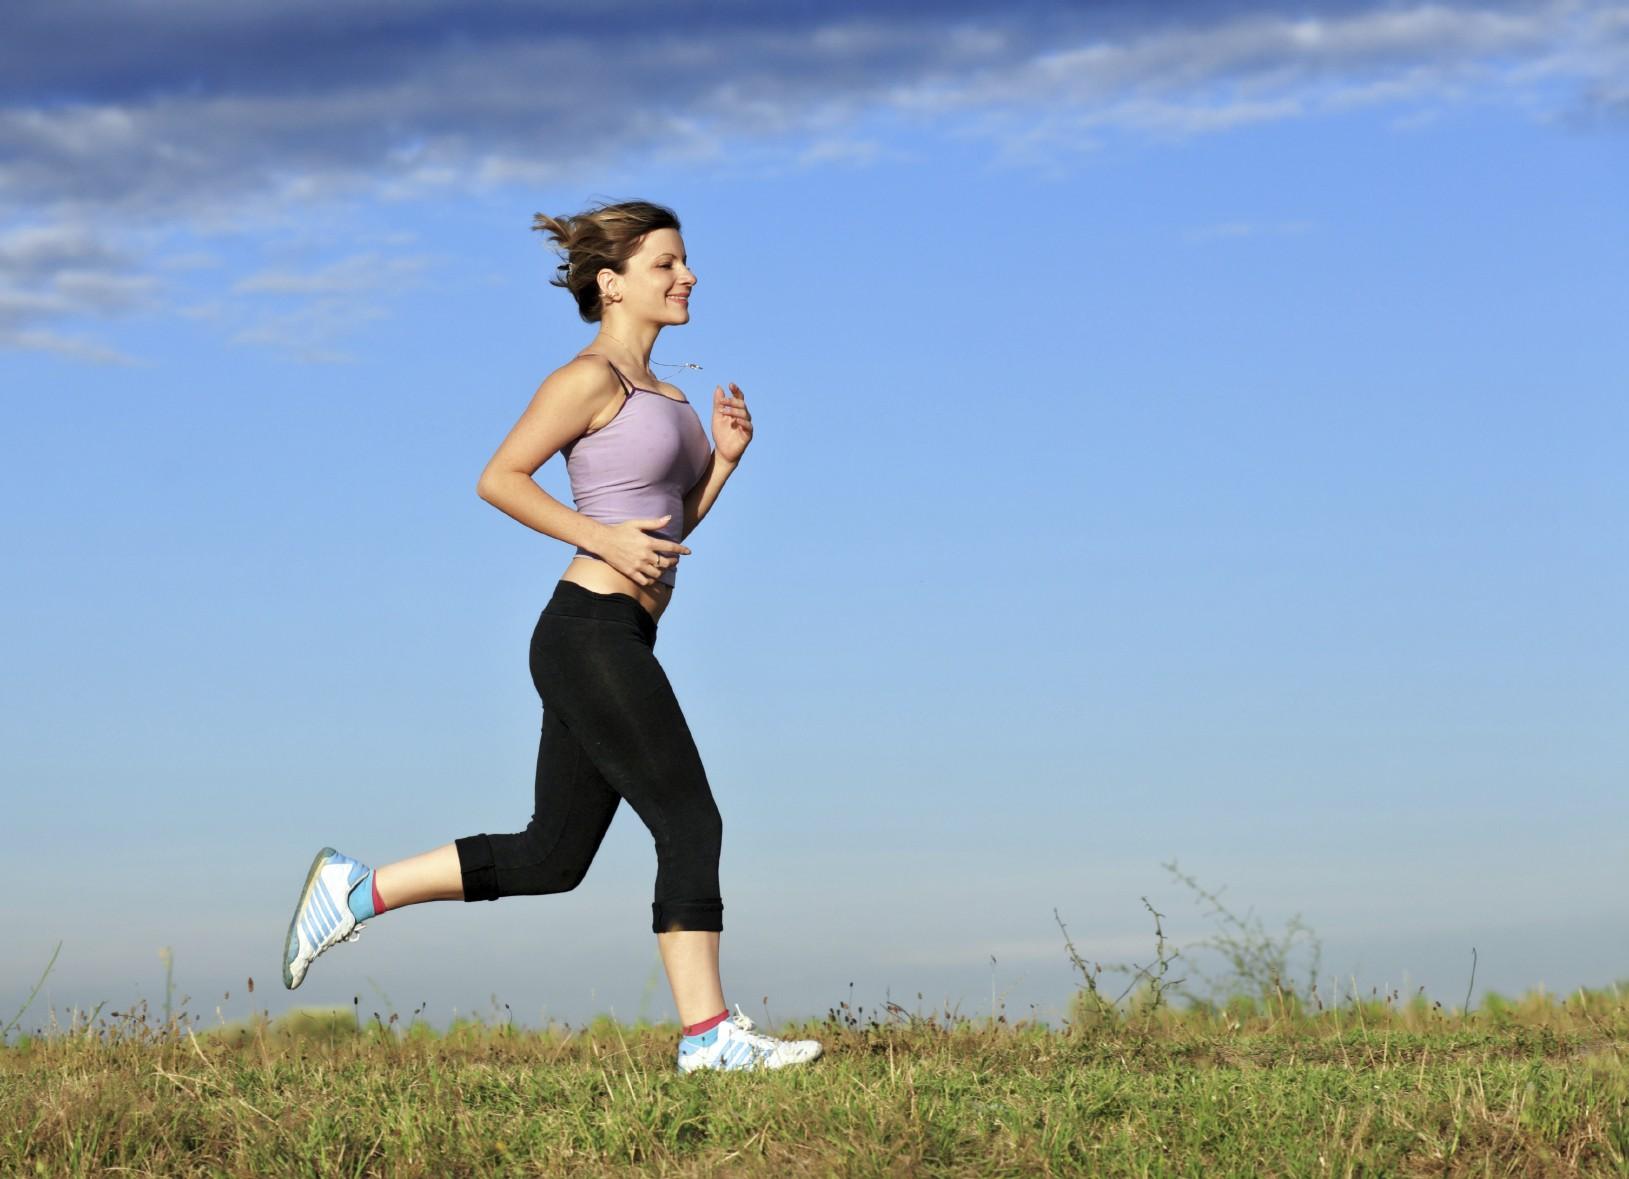 magas vérnyomás esetén sportolhat)